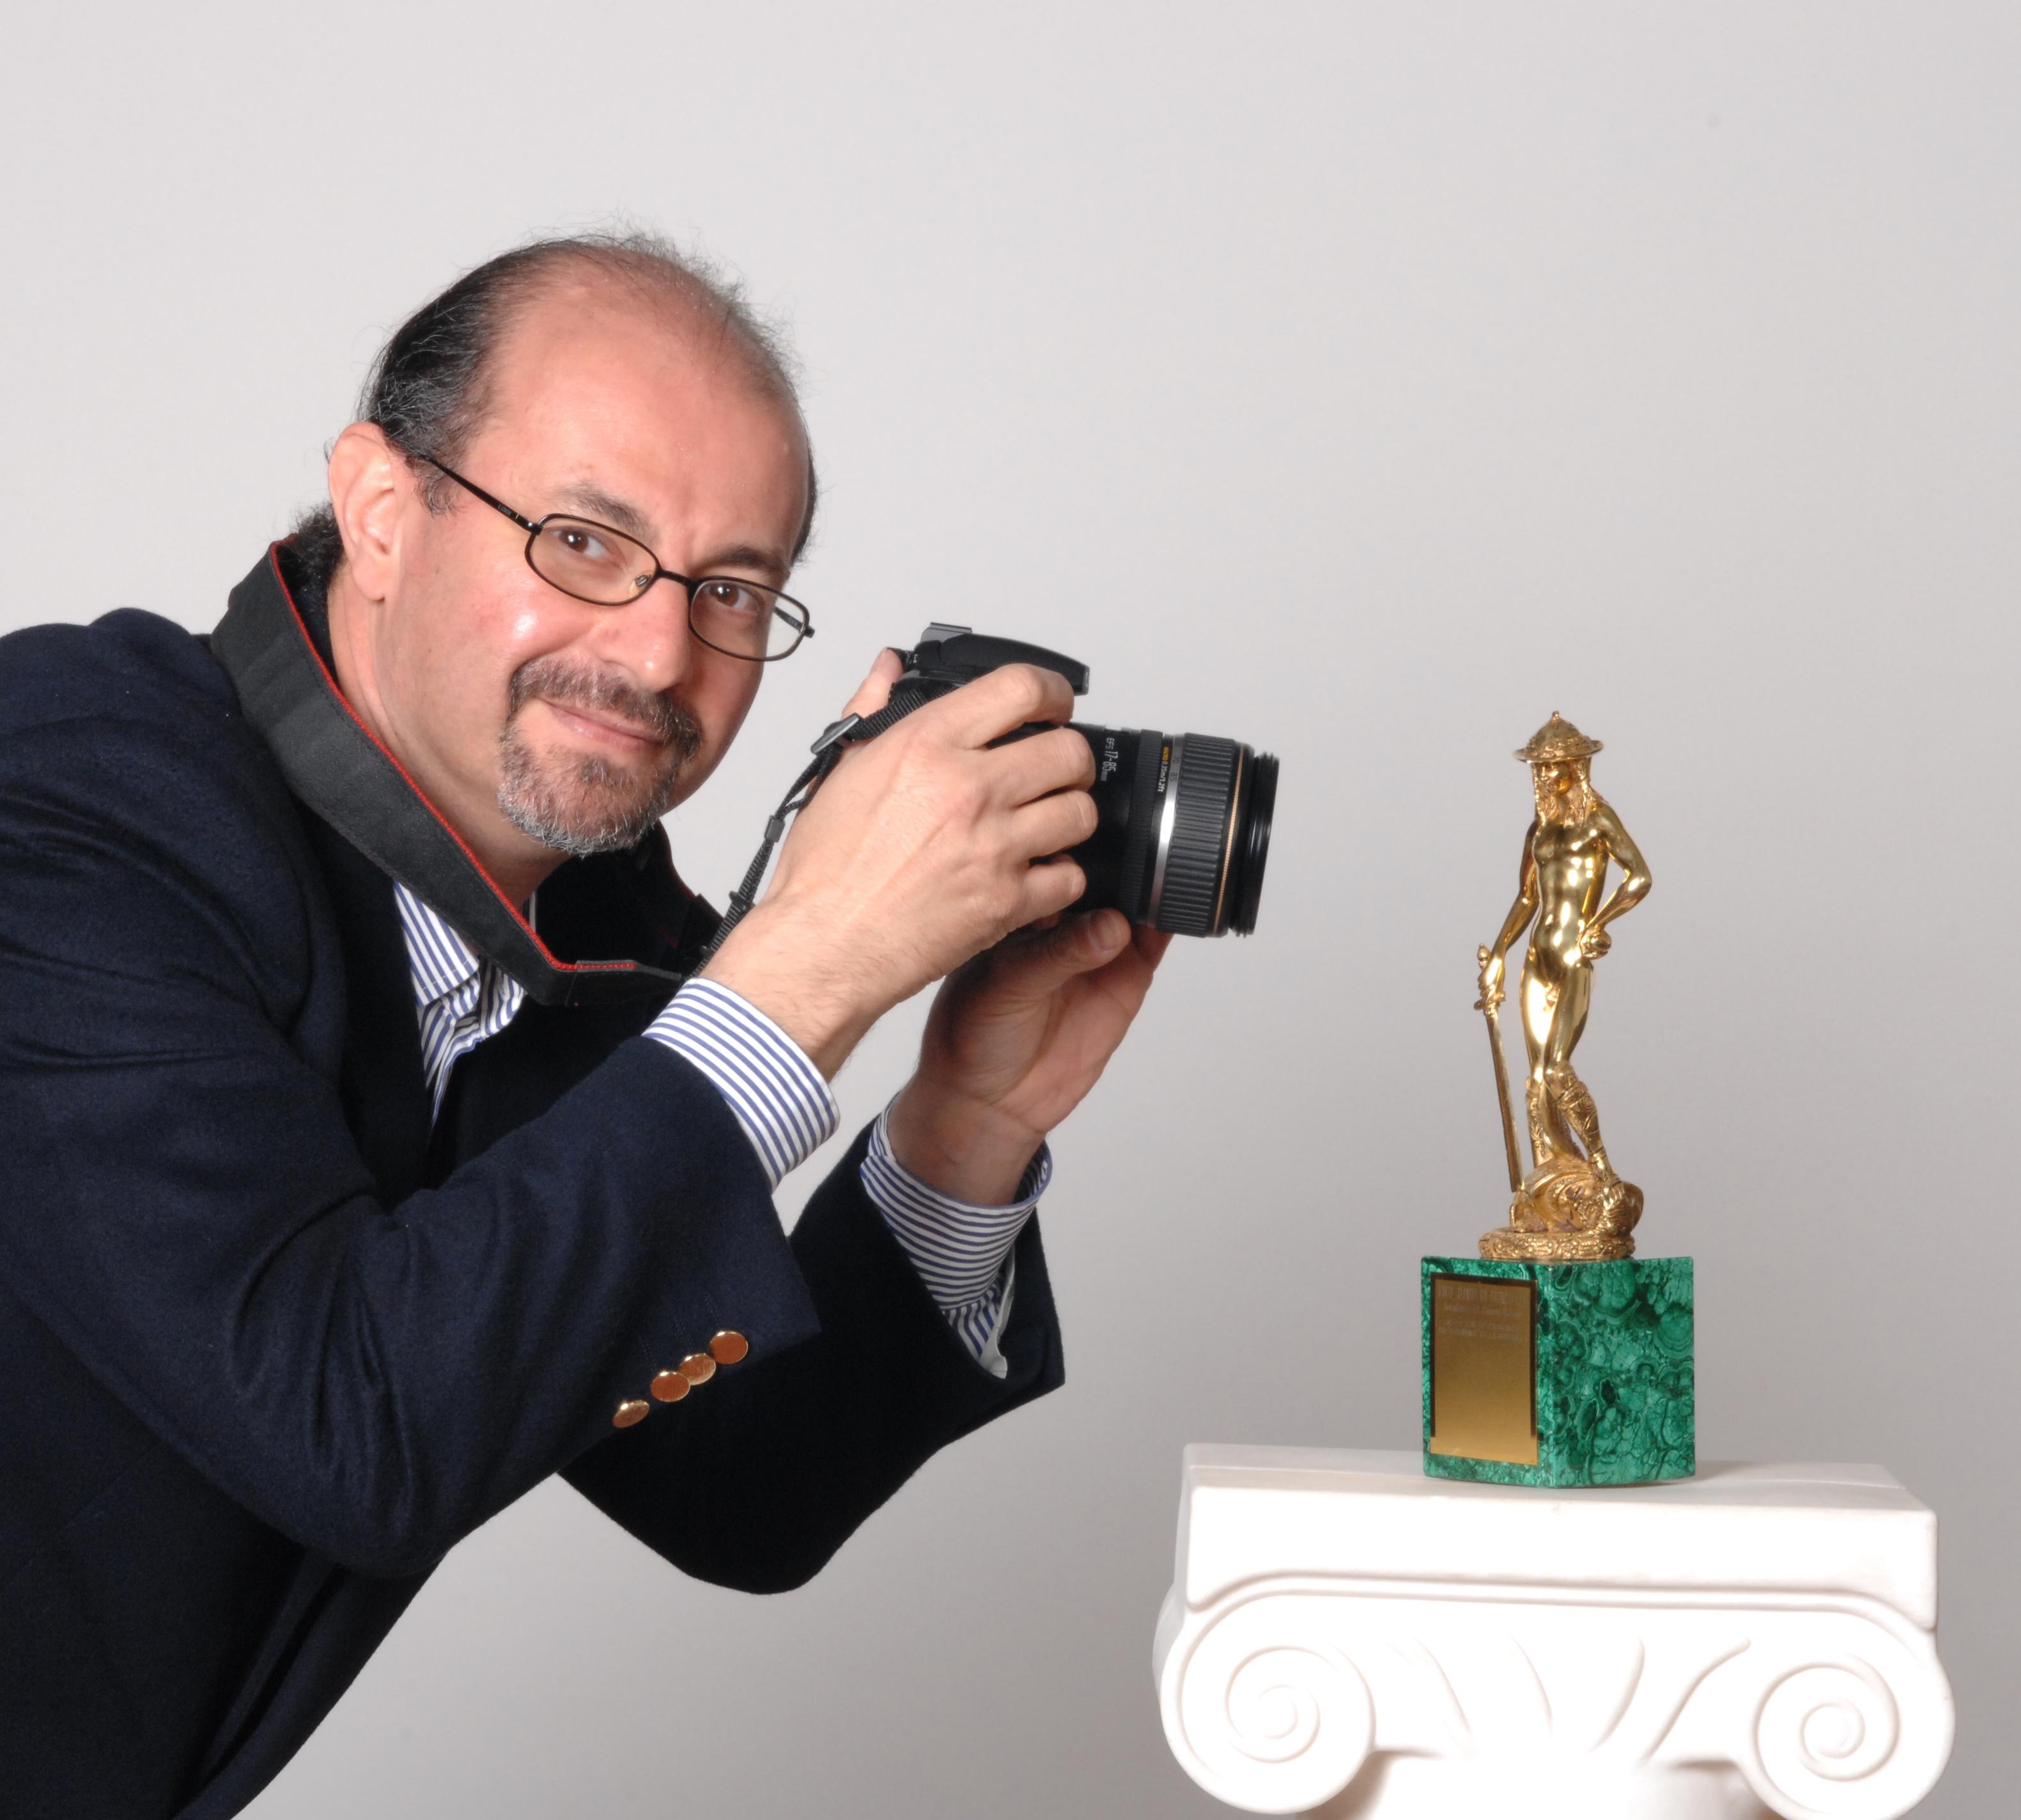 Giuseppe Di Caro